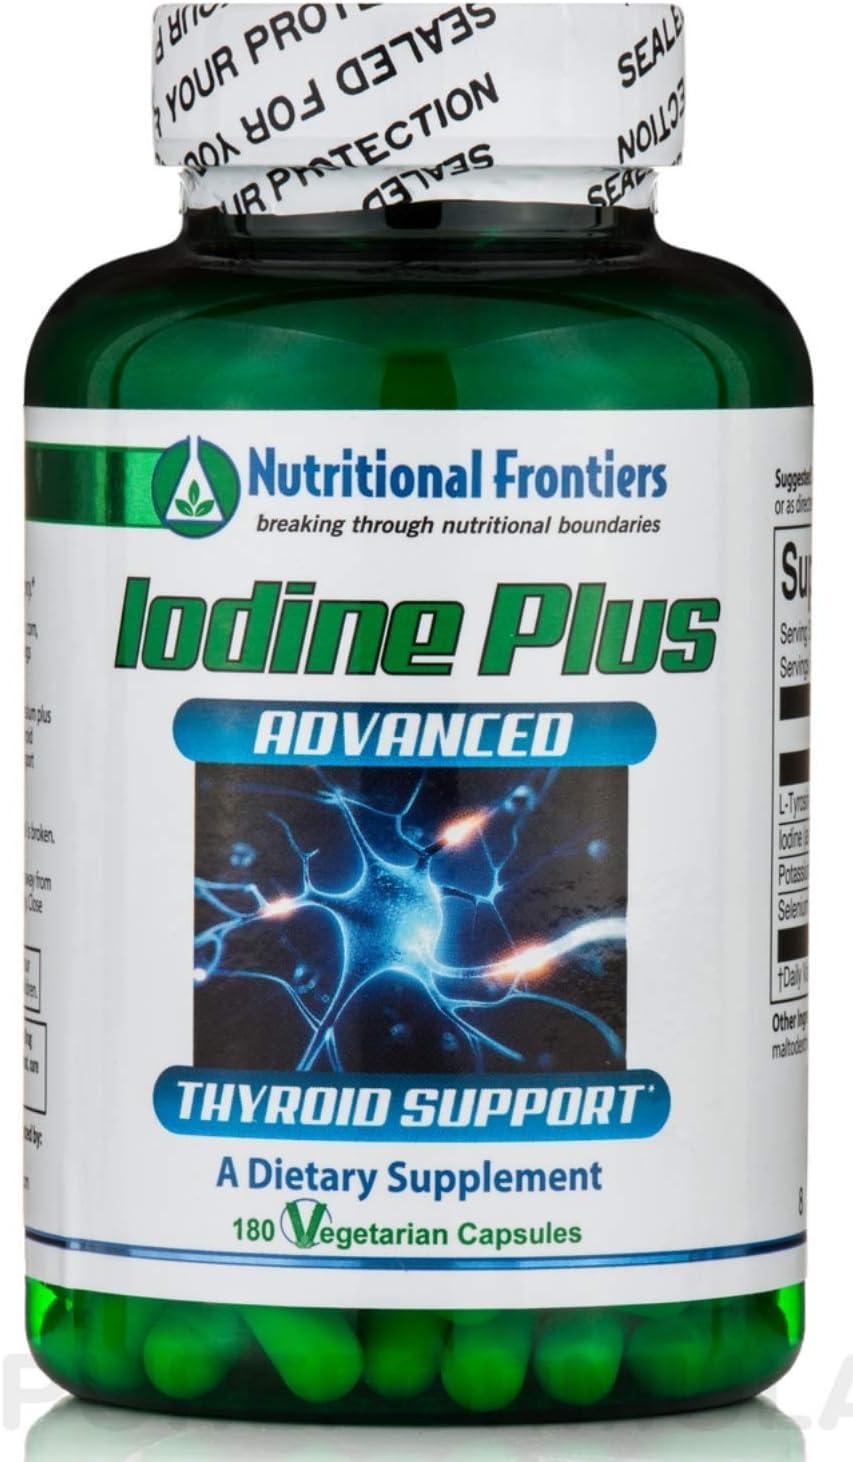 Nutritional Frontiers - Iodine Plus - 180 Vegetarian Capsules